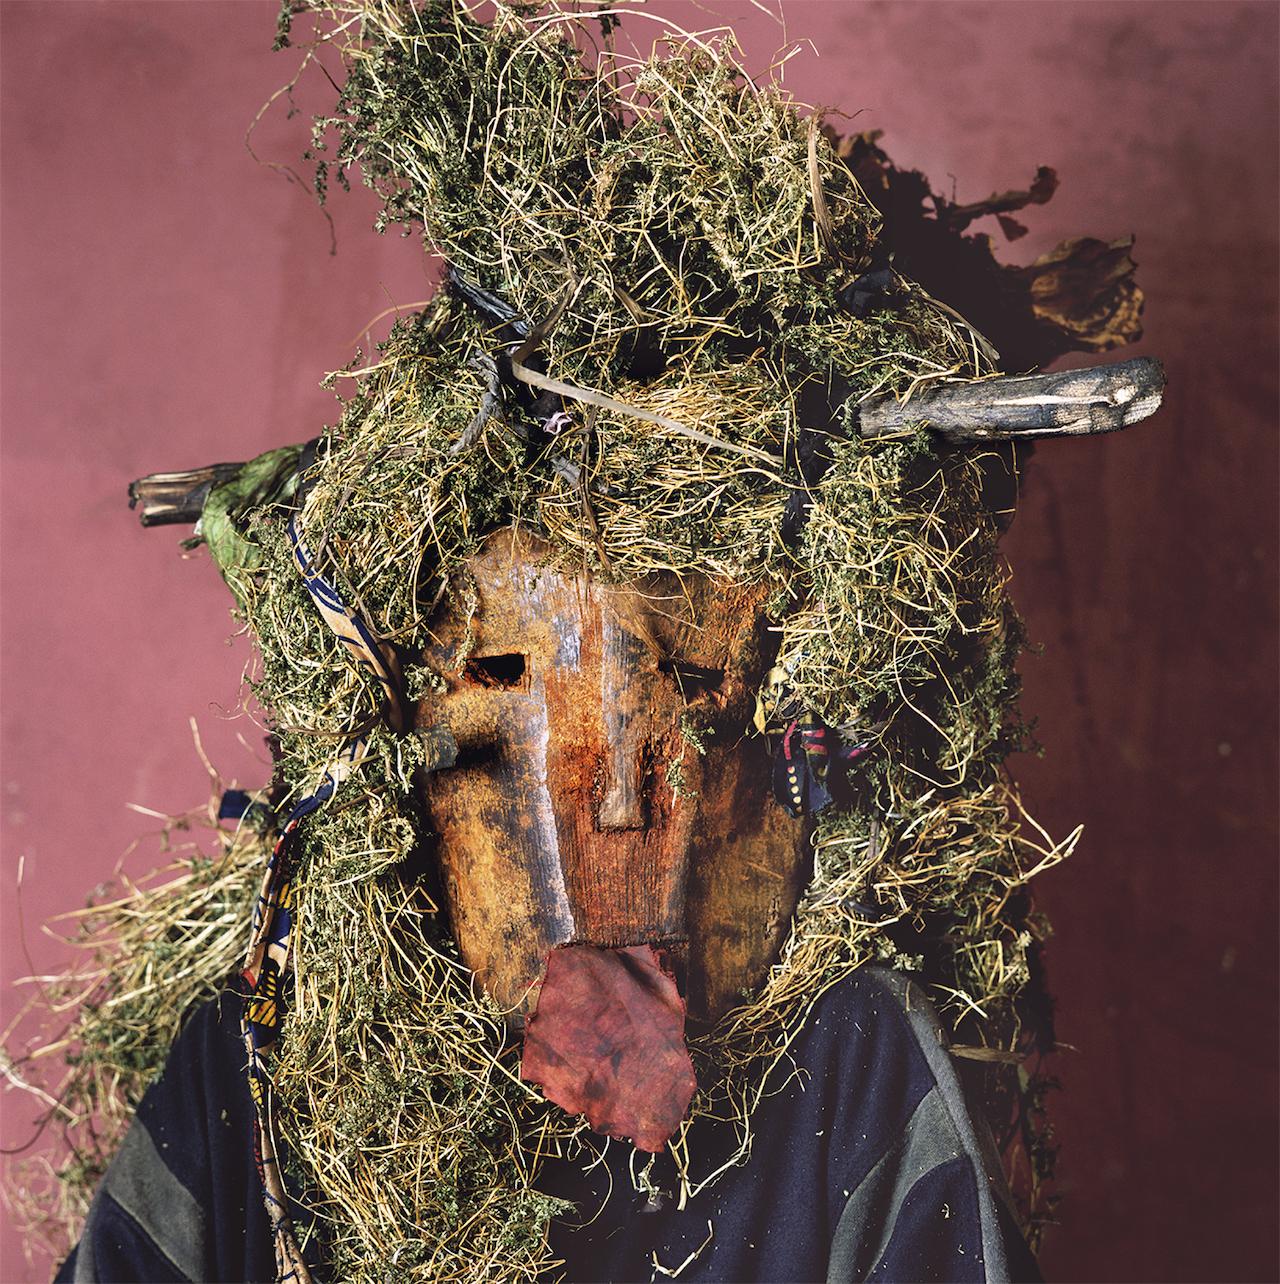 Ekpo Masquerade, Calabar South, Nigeria 2005